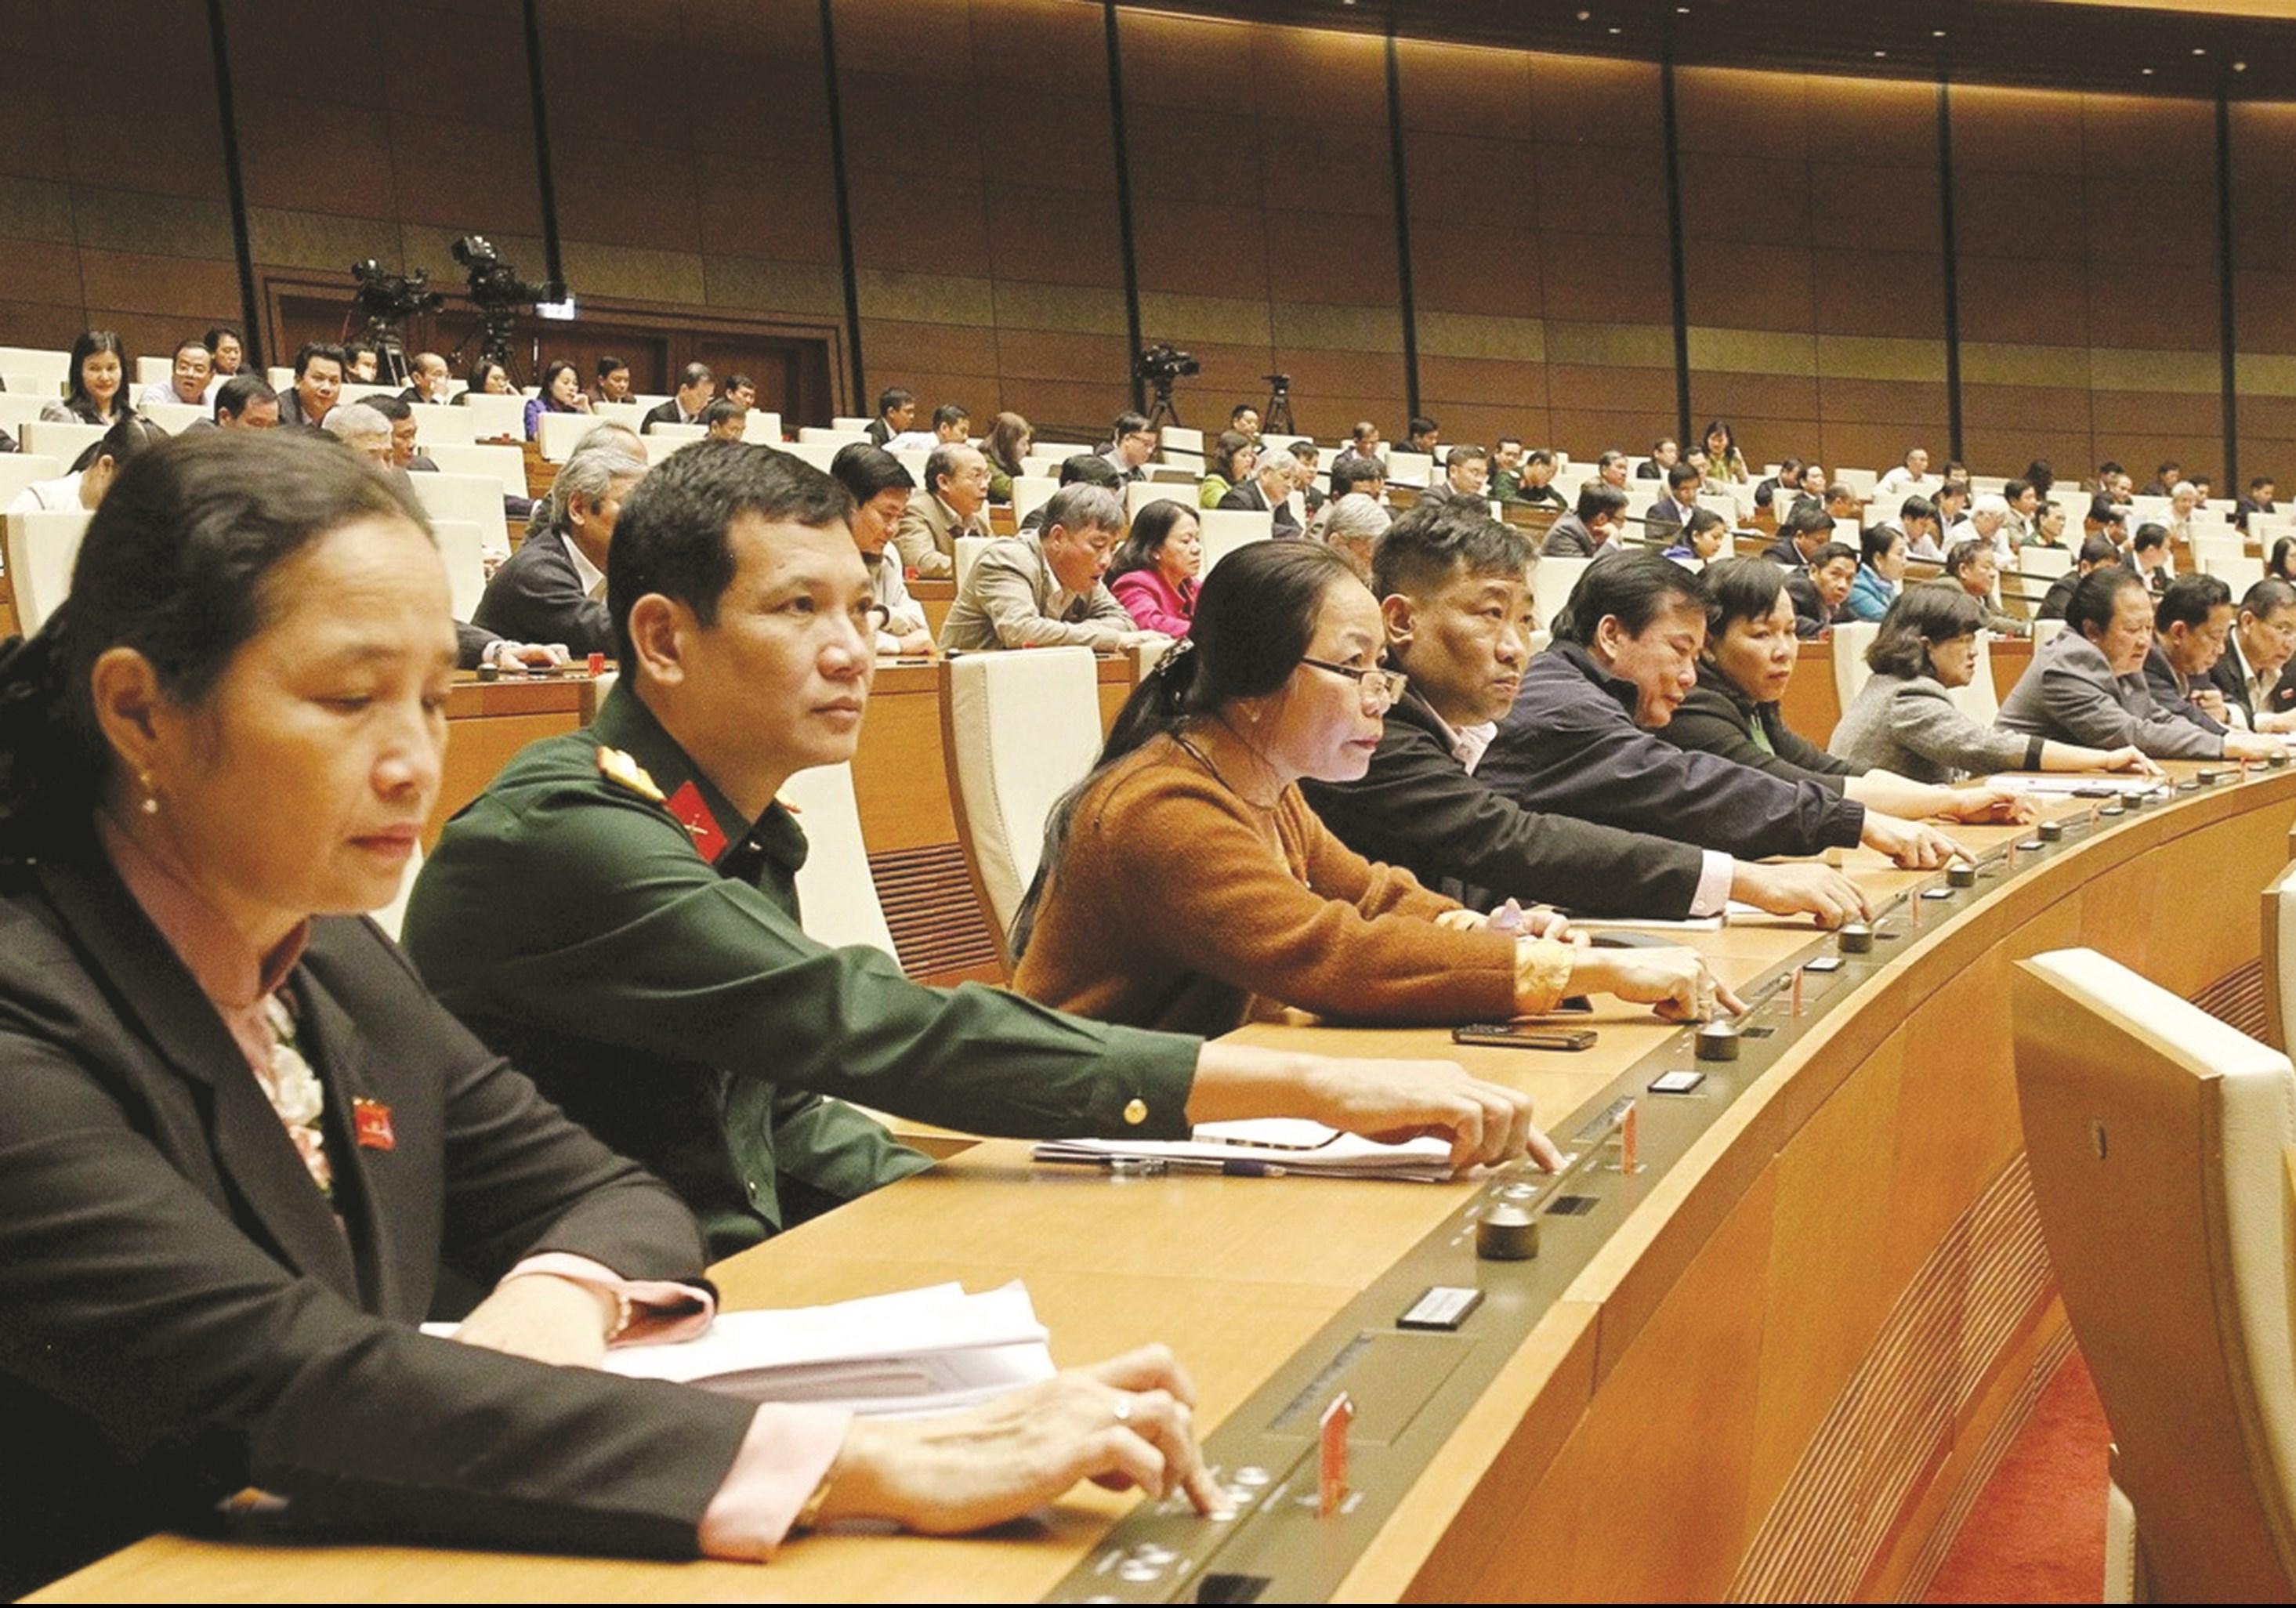 Chiều ngày 19/6, tại Kỳ họp thứ 9 Quốc hội Khóa XIV, các Đại biểu Quốc hội nhấn nút biểu quyết thông qua Nghị quyết Phê duyệt chủ trương đầu tư Chương trình mục tiêu quốc gia phát triển KT-XH vùng đồng bào DTTS và miền núi giai đoạn 2021 - 2030 với tỷ lệ 100% số đại biểu tham gia biểu quyết tán thành.